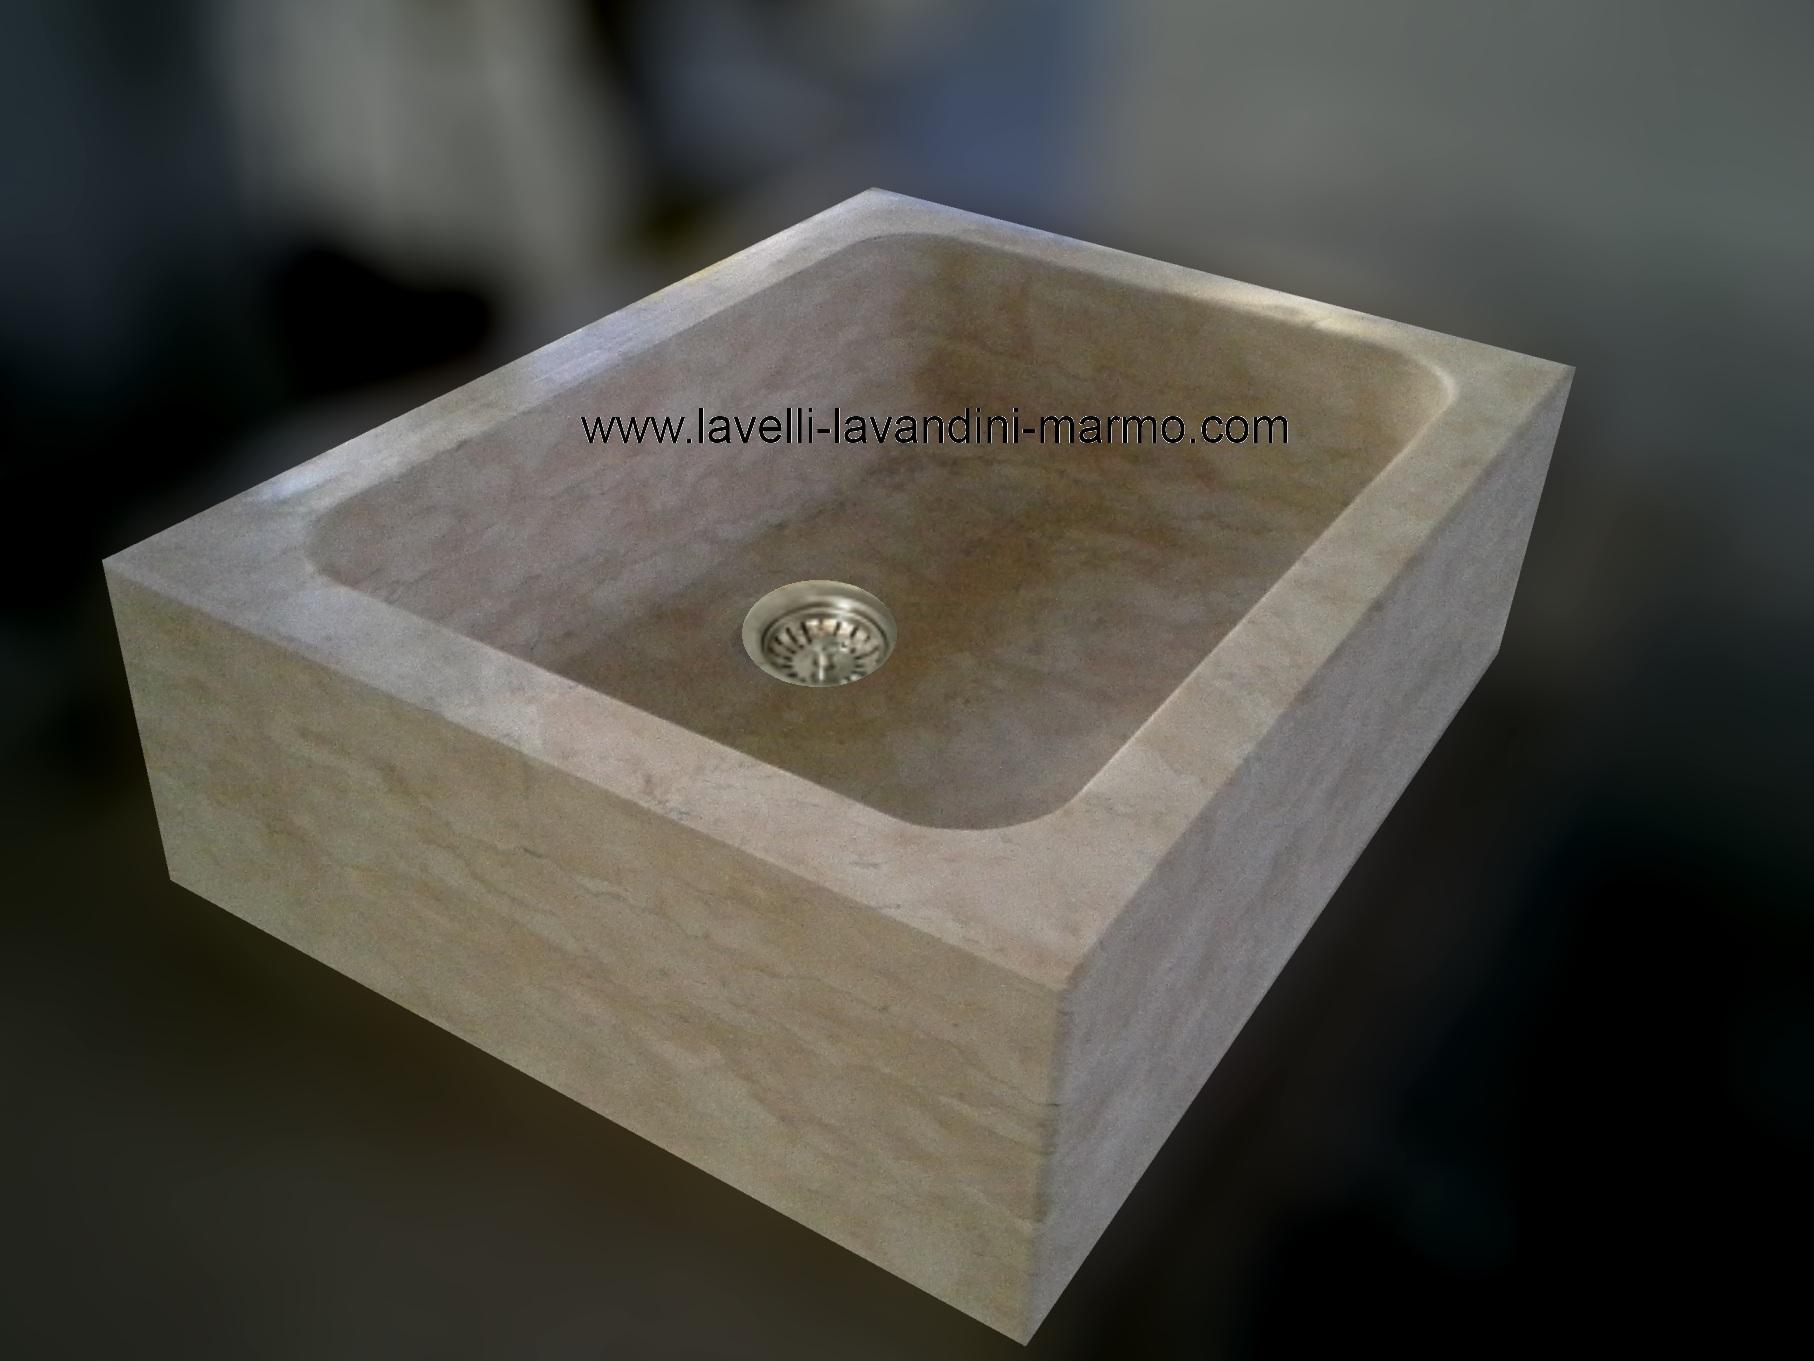 Offerte lavello marmo prezzi occasioni pietra asta occasioni offerte asta lavelli marmo - Lavandino esterno pietra ...